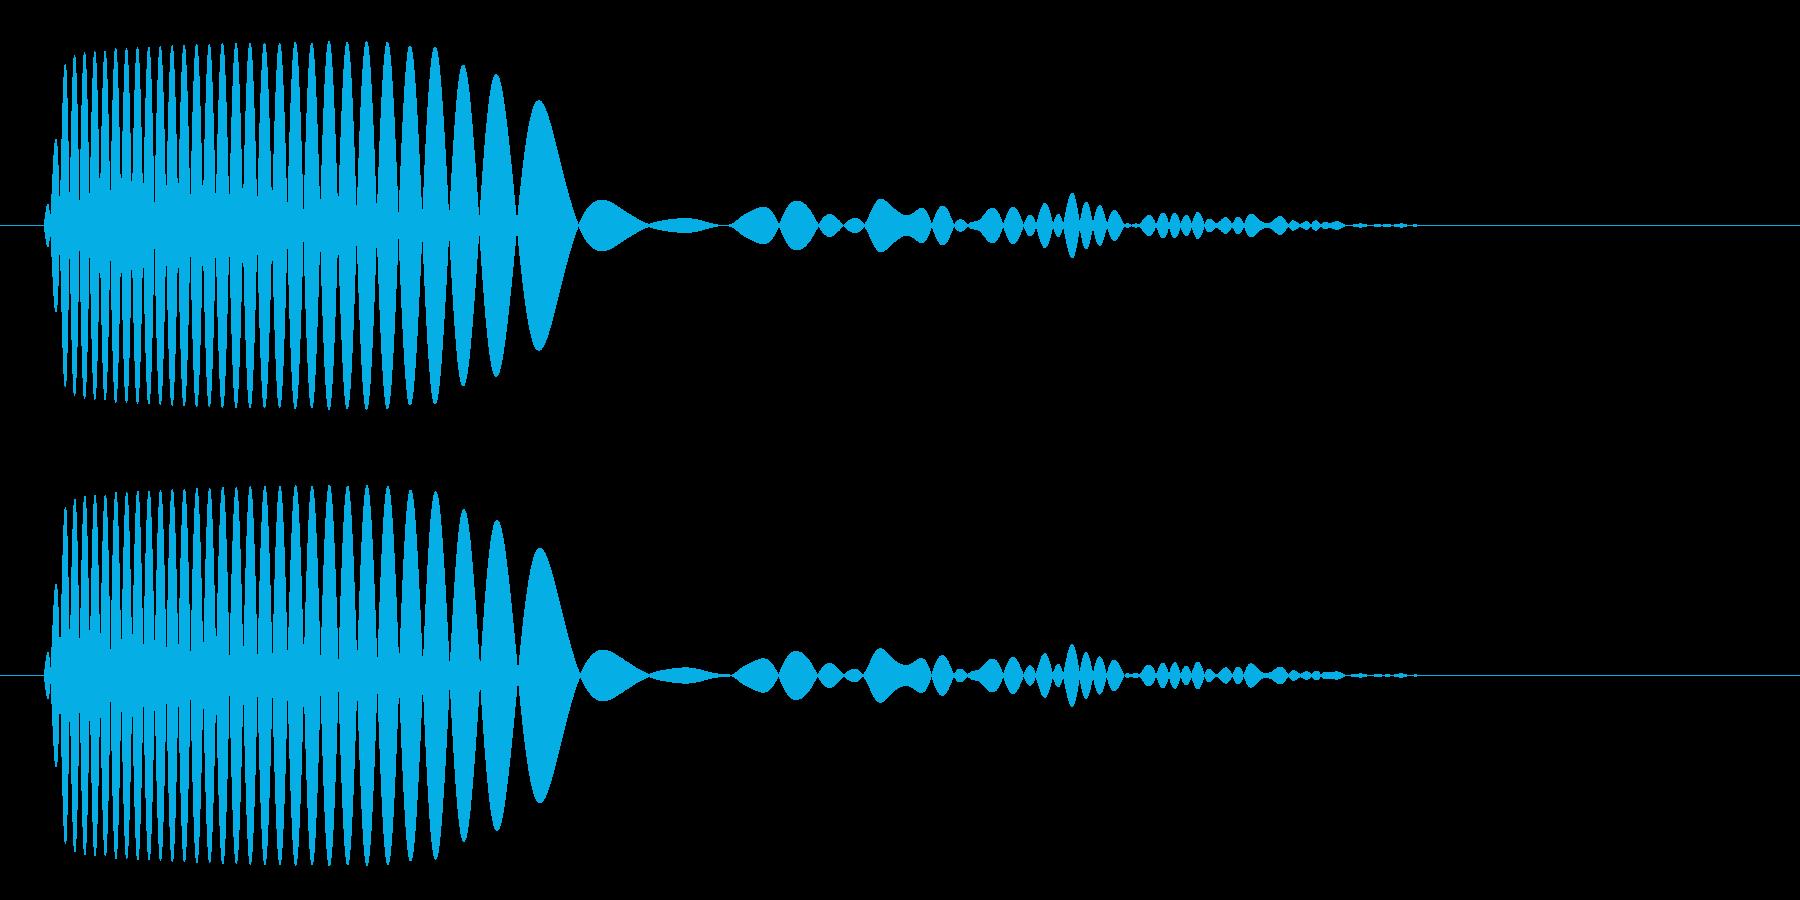 ドゥフ(バスドラム単発)の再生済みの波形